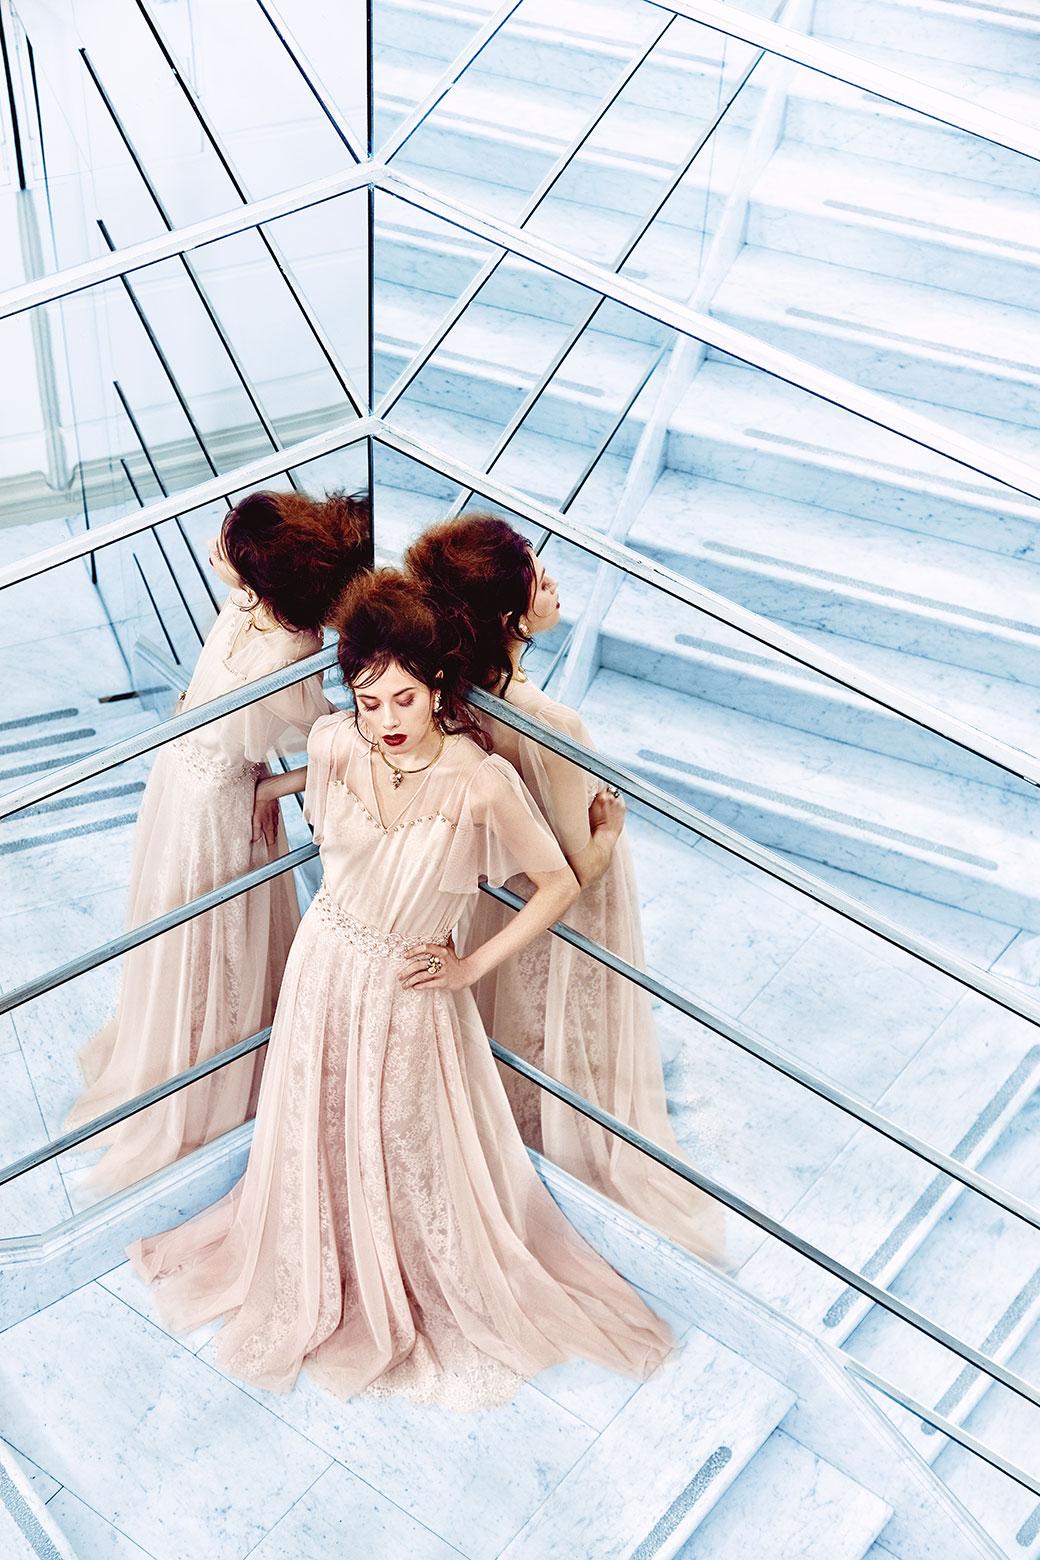 Společenské šaty - krajka James Hare, tyl, kameny Preciosa<br>foto - Ondřej Košík, makeup and hair - Natálie Hostačná, šperky - Style Avenue<br>hotel Boscolo Prague